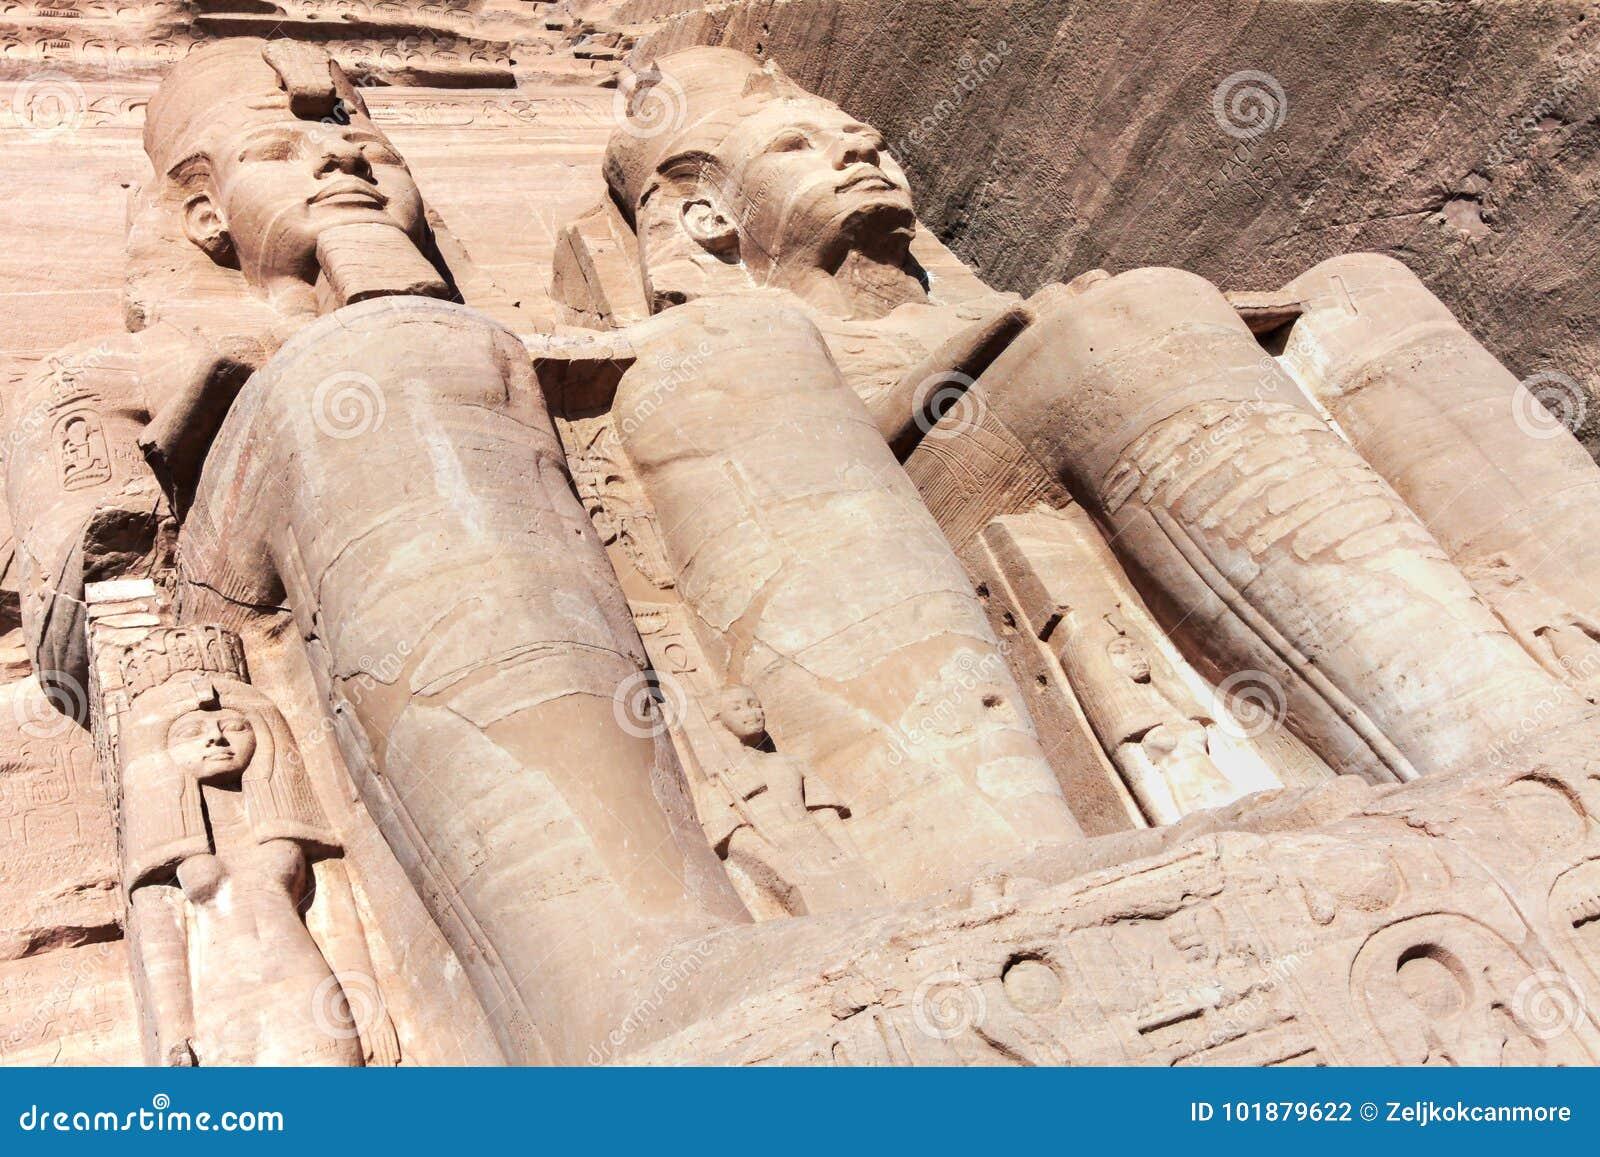 Ramses II Standbeeld in Abu Simbel Unesco World Heritage-Plaats Egypte